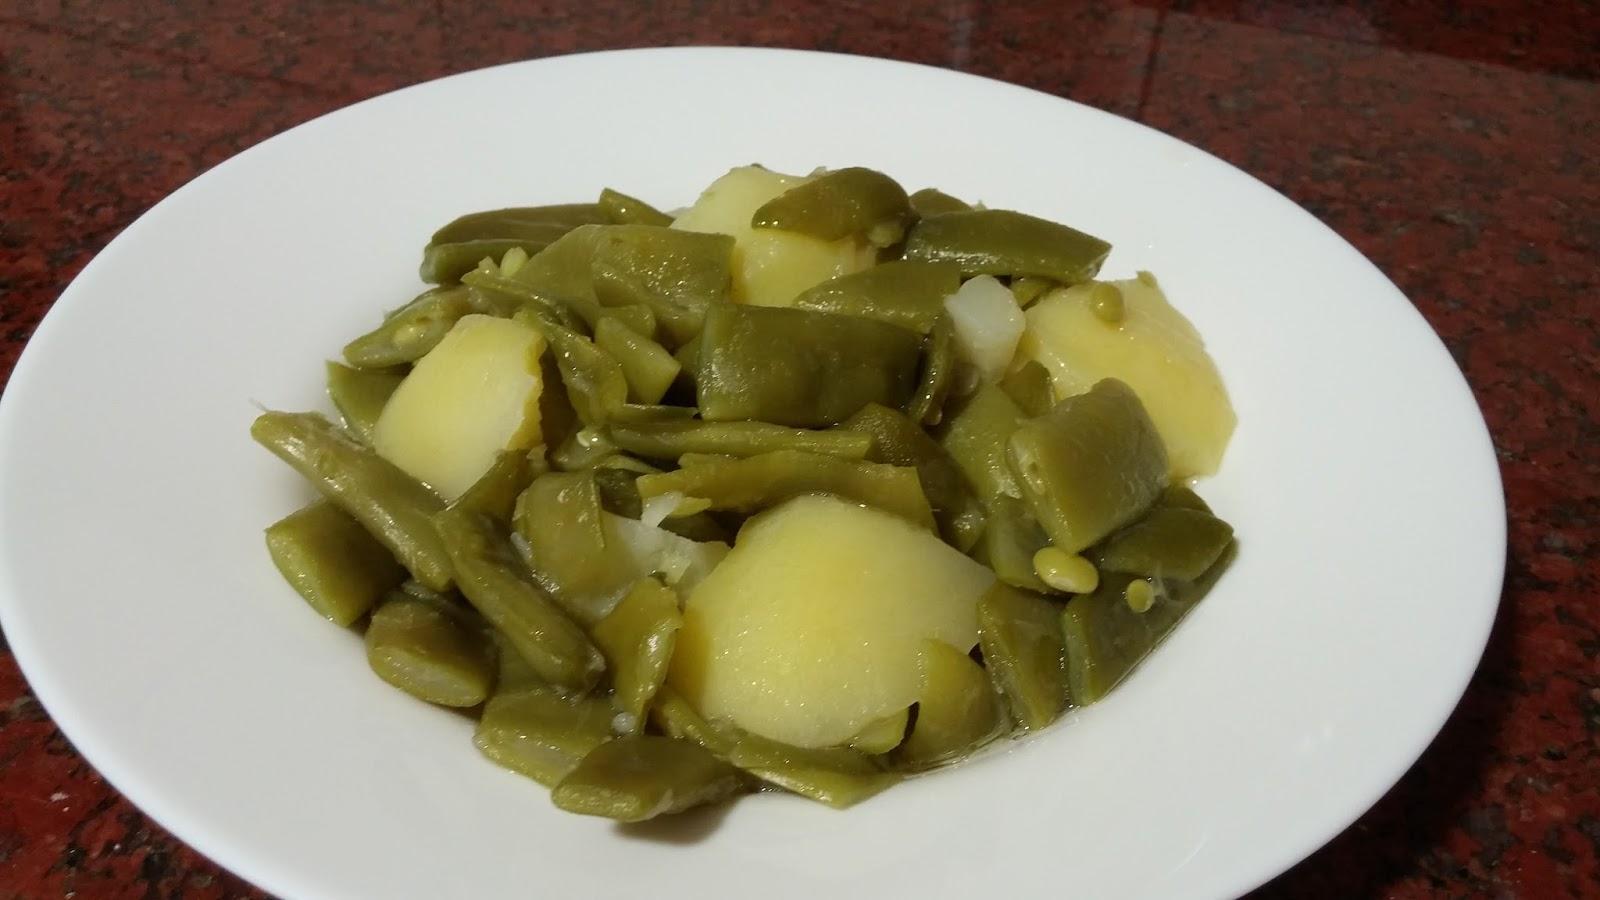 Las cosas de lorena jud as verdes con patatas - Calorias de las judias verdes ...